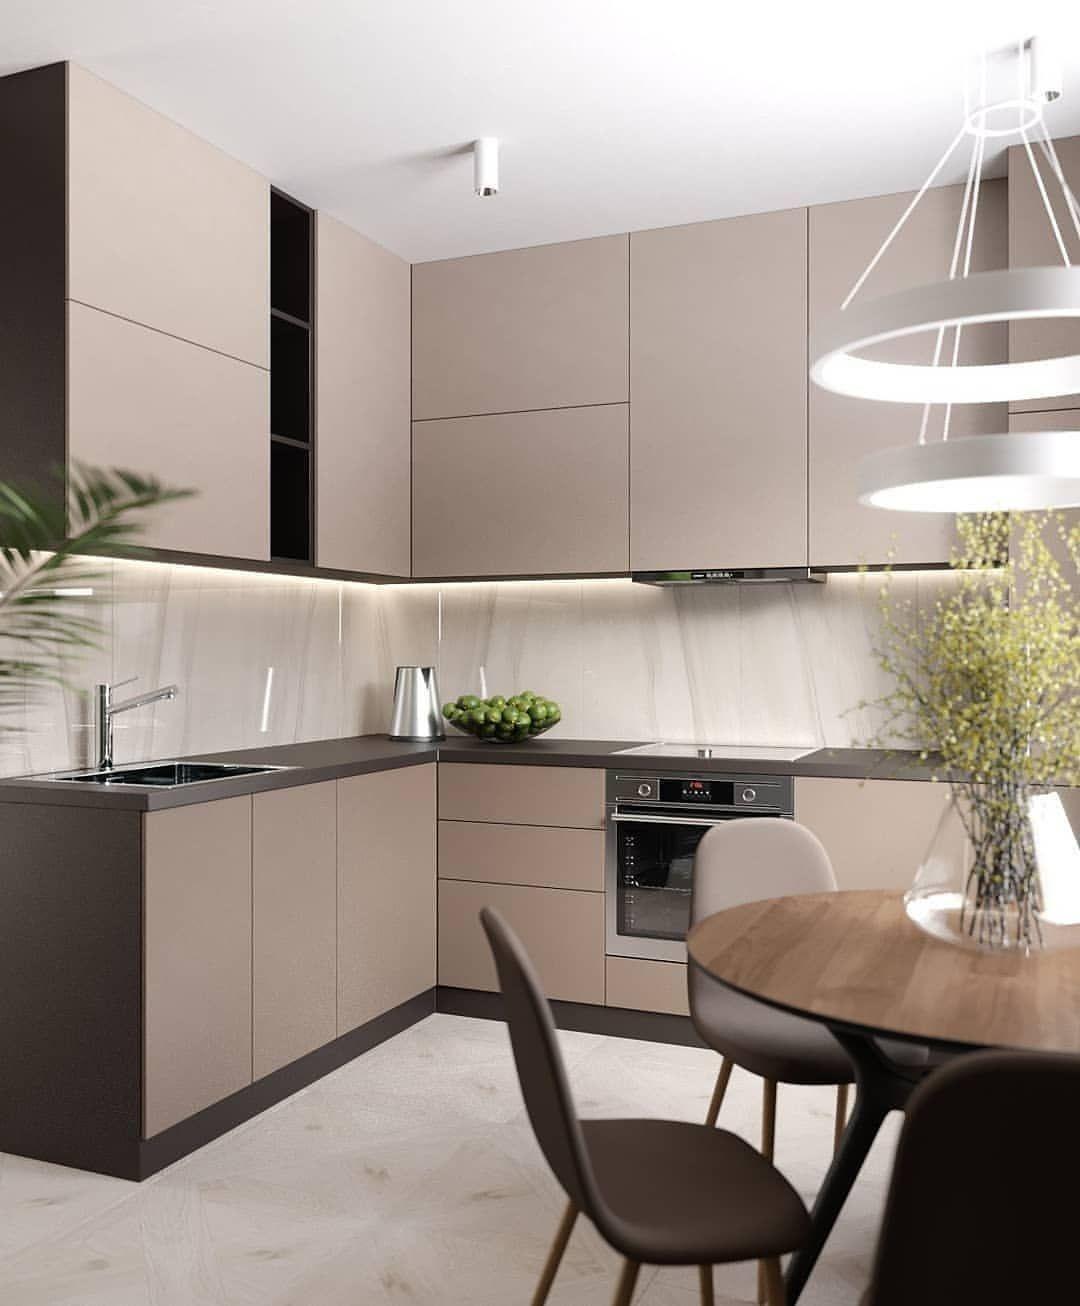 Кухни в стиле модерн: особенности, советы по отделке от топовых дизайнеров